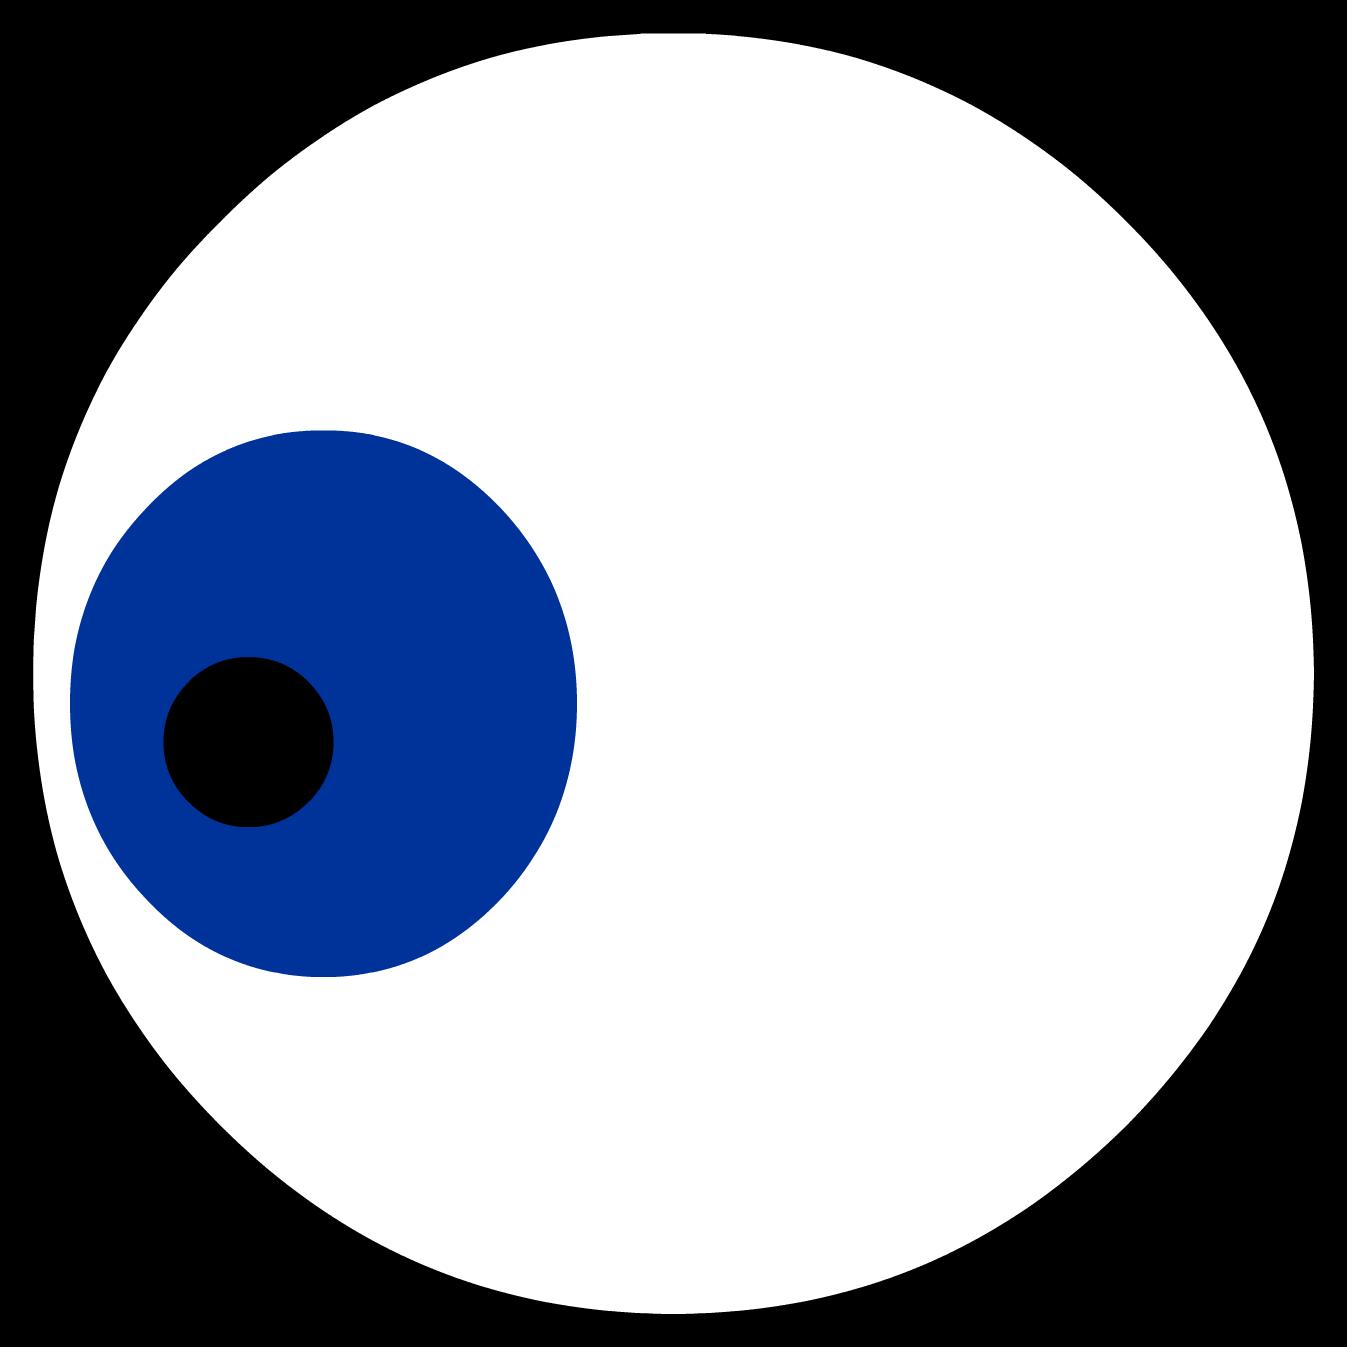 File:Eyeball.png